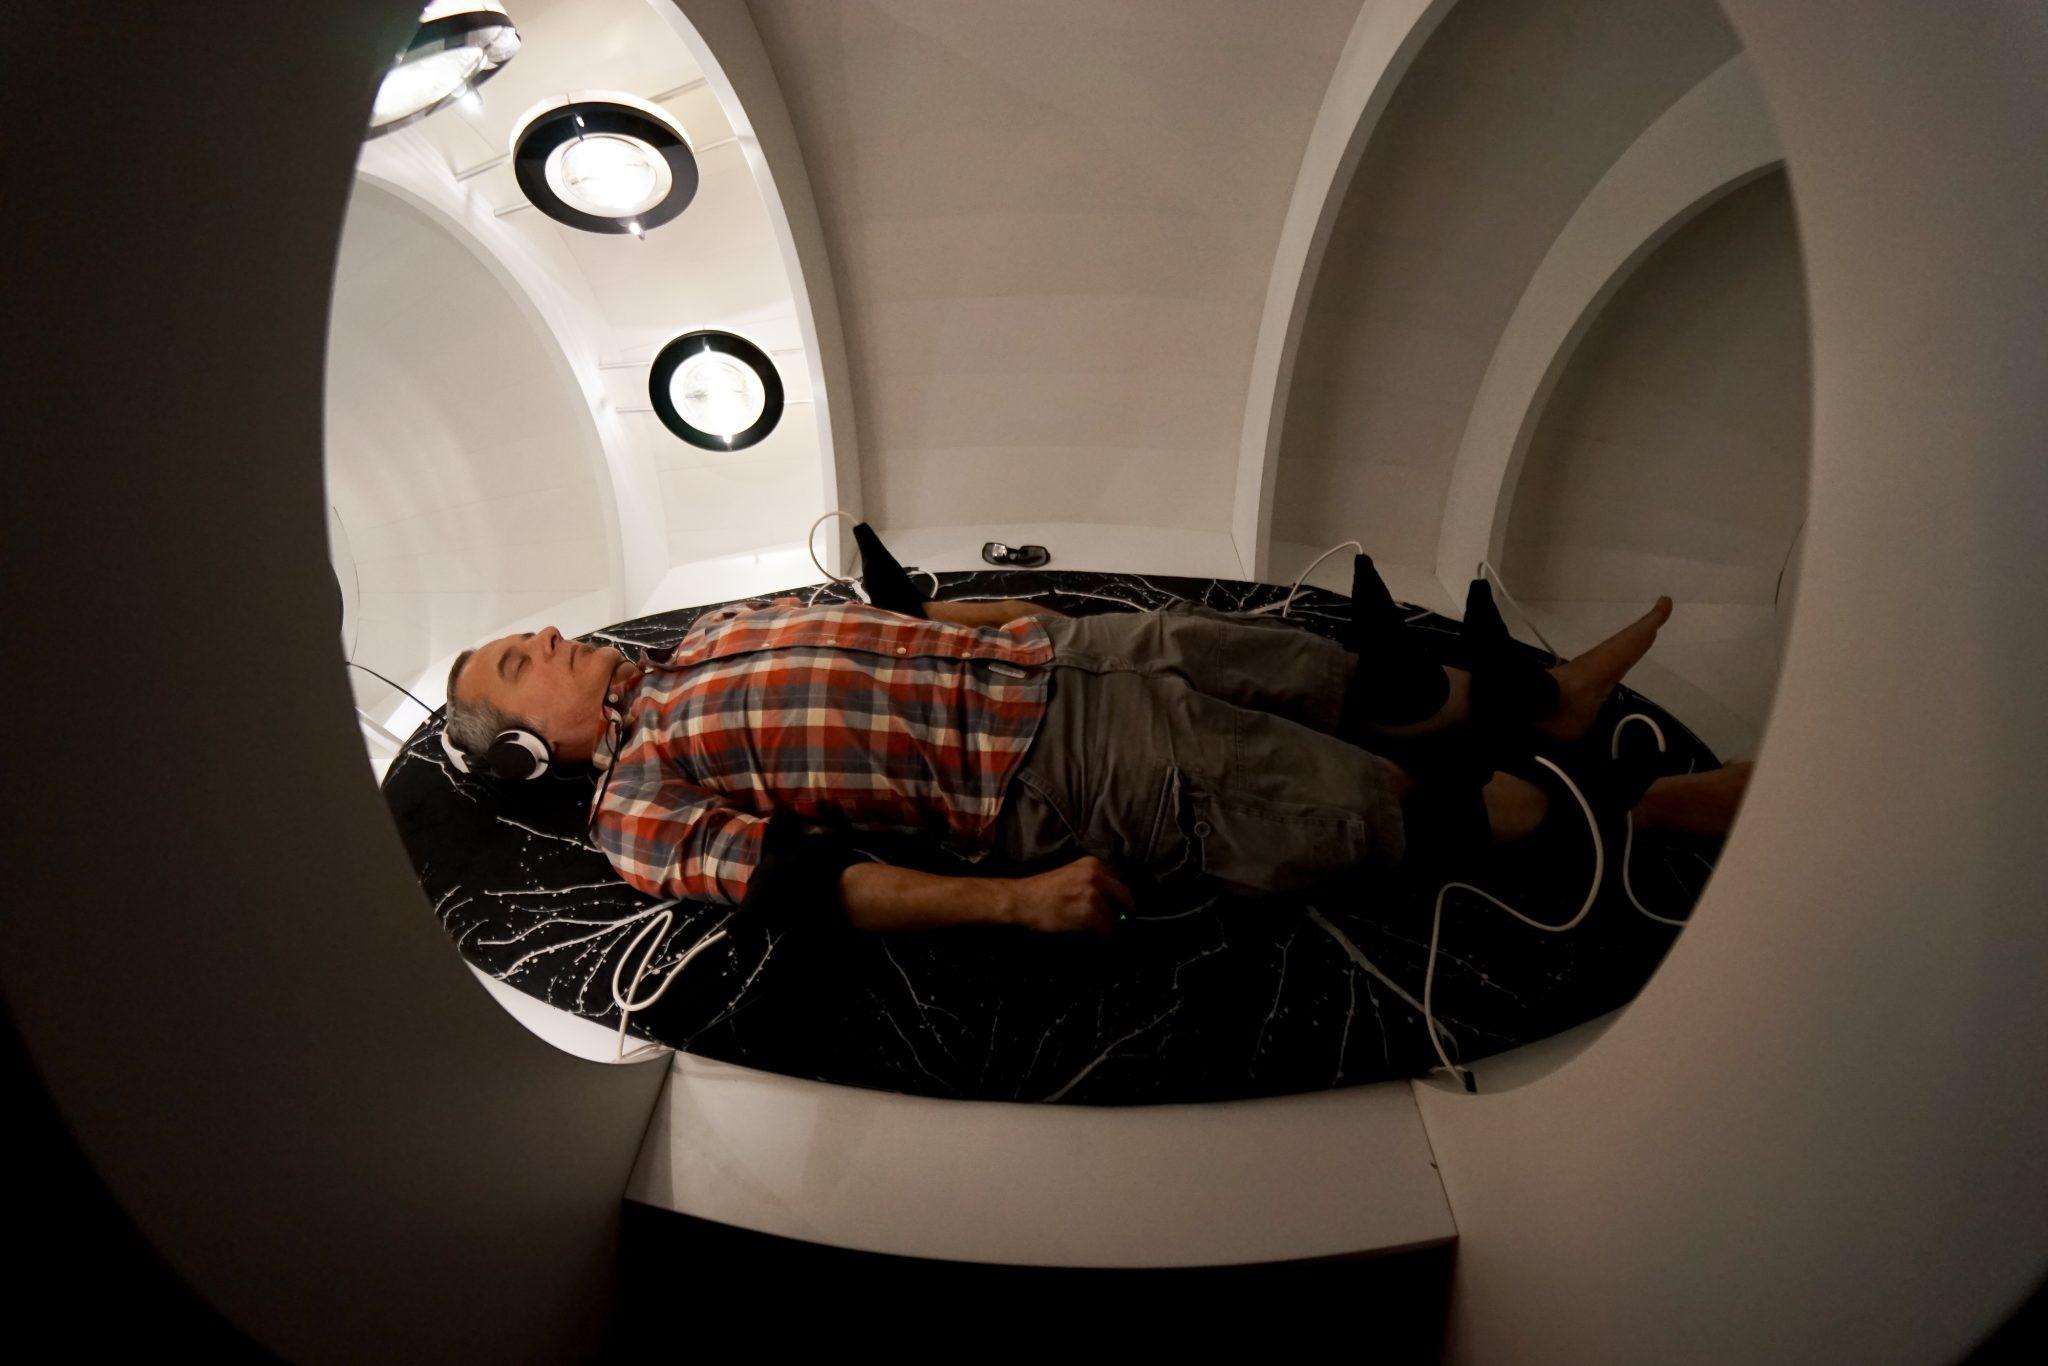 Homem deitado, vestido, descalço, com vários fios ligados ao corpo, dentro de uma cápsula